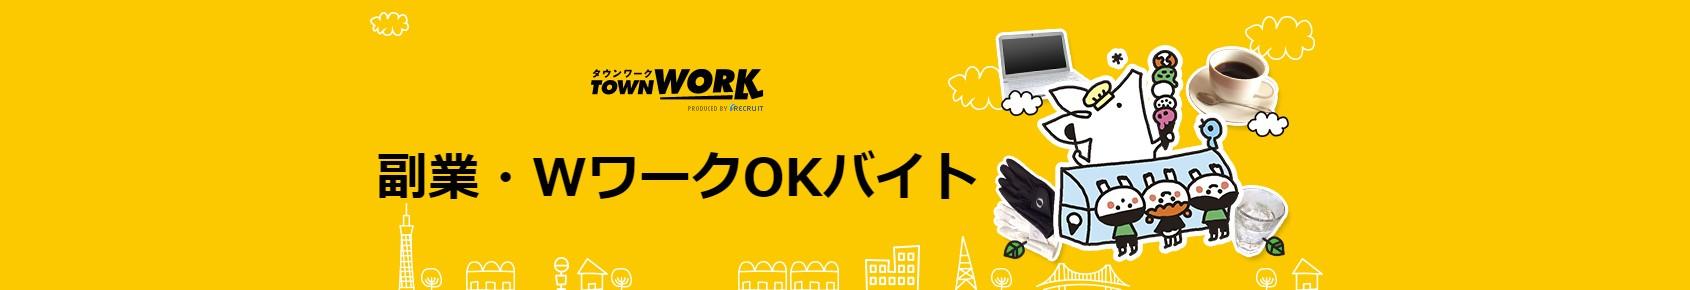 副業・WワークOKのアルバイト・バイト求人情報|【タウンワーク】でバイトやパートのお仕事探し